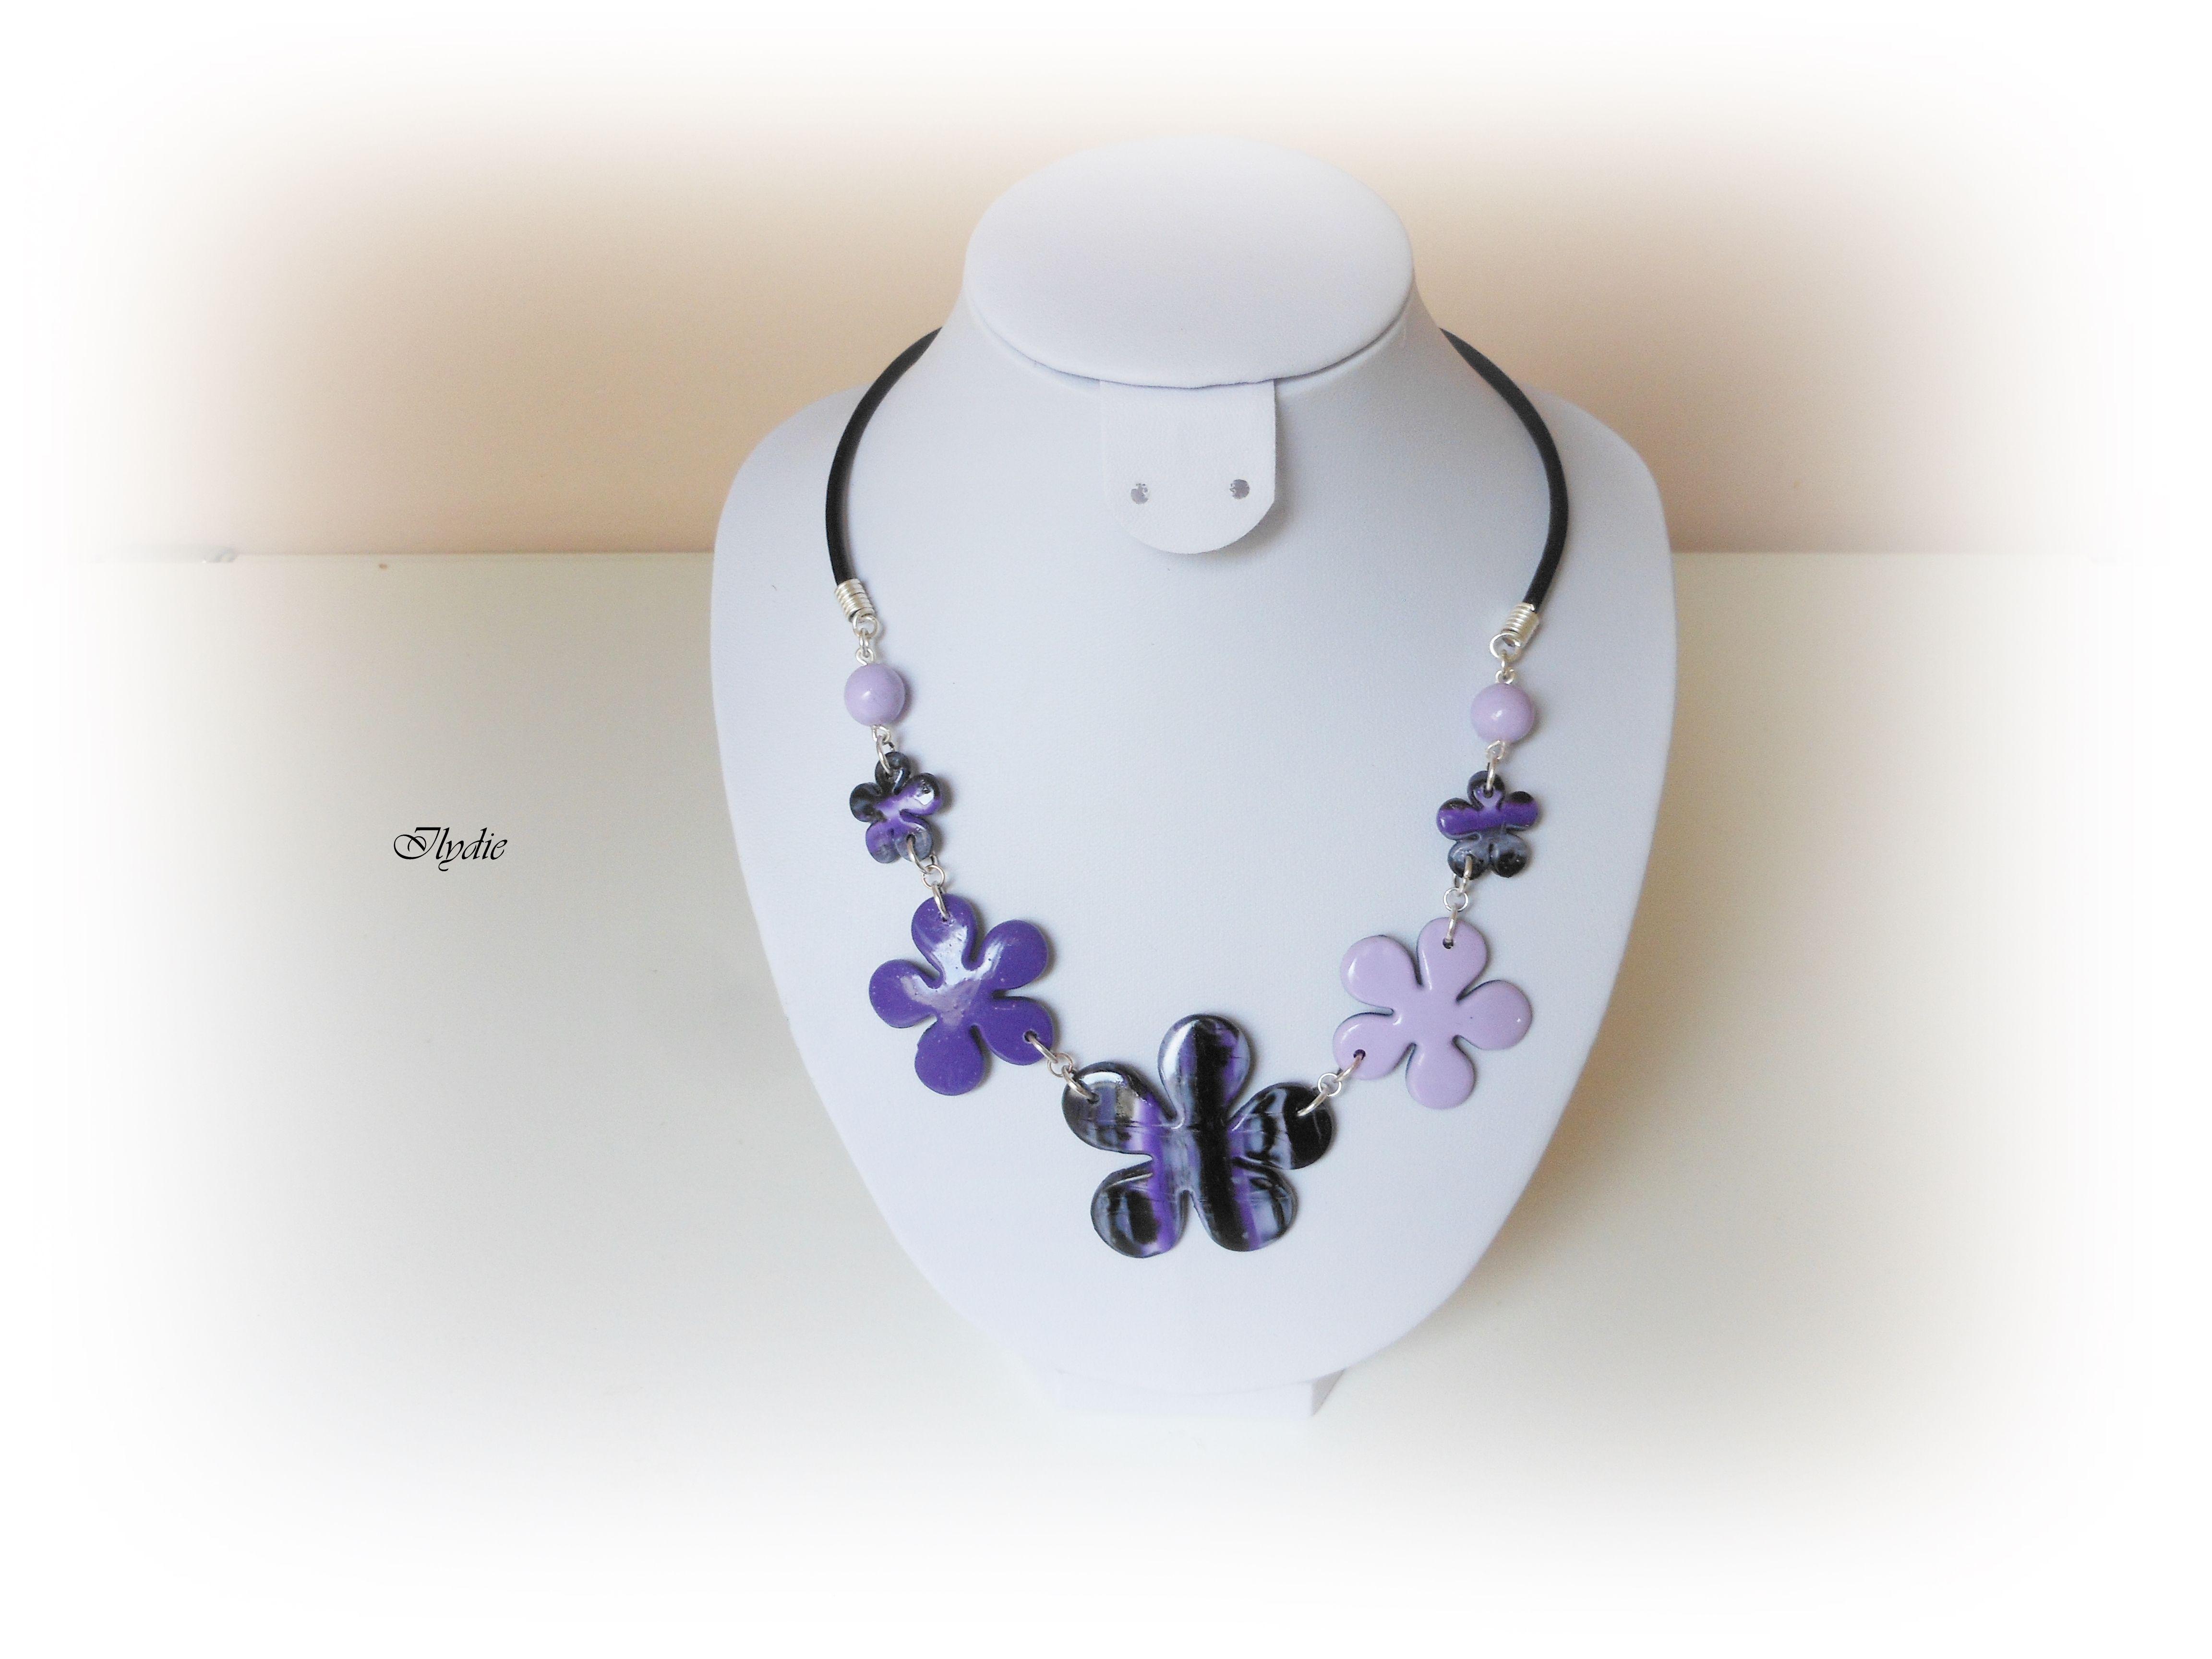 Collier Fleur Oeil De Tigre Violet Noir C28 2014 Colliers Fimo